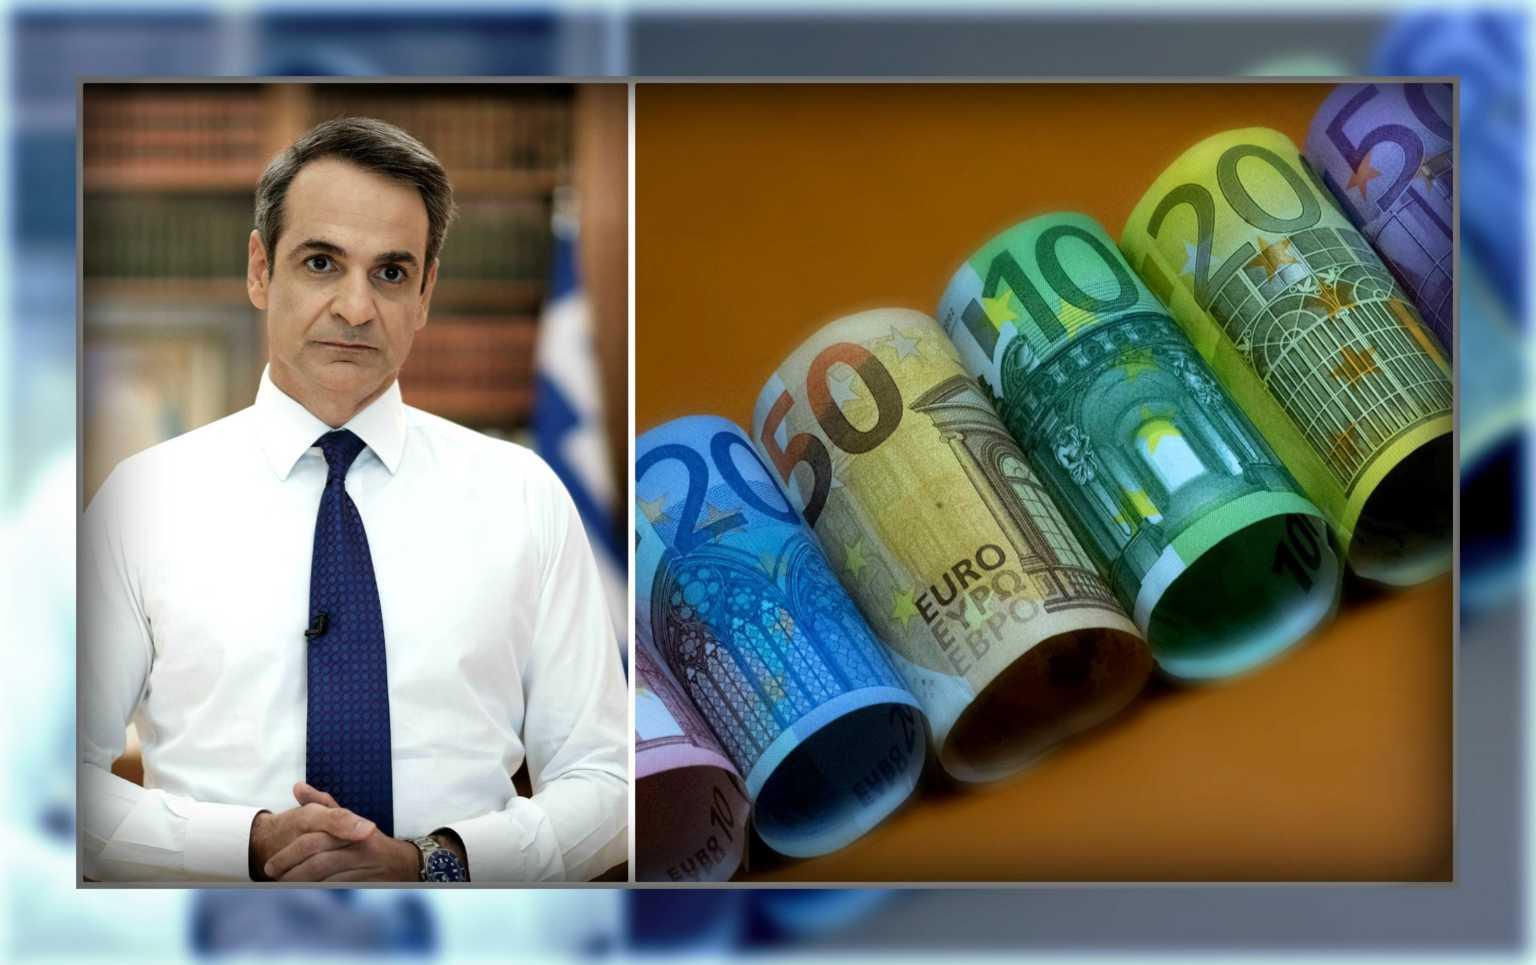 Έτσι θα αξιοποιηθούν τα 32,5 δισ. ευρώ – Οι προτεραιότητες που βάζει η κυβέρνηση